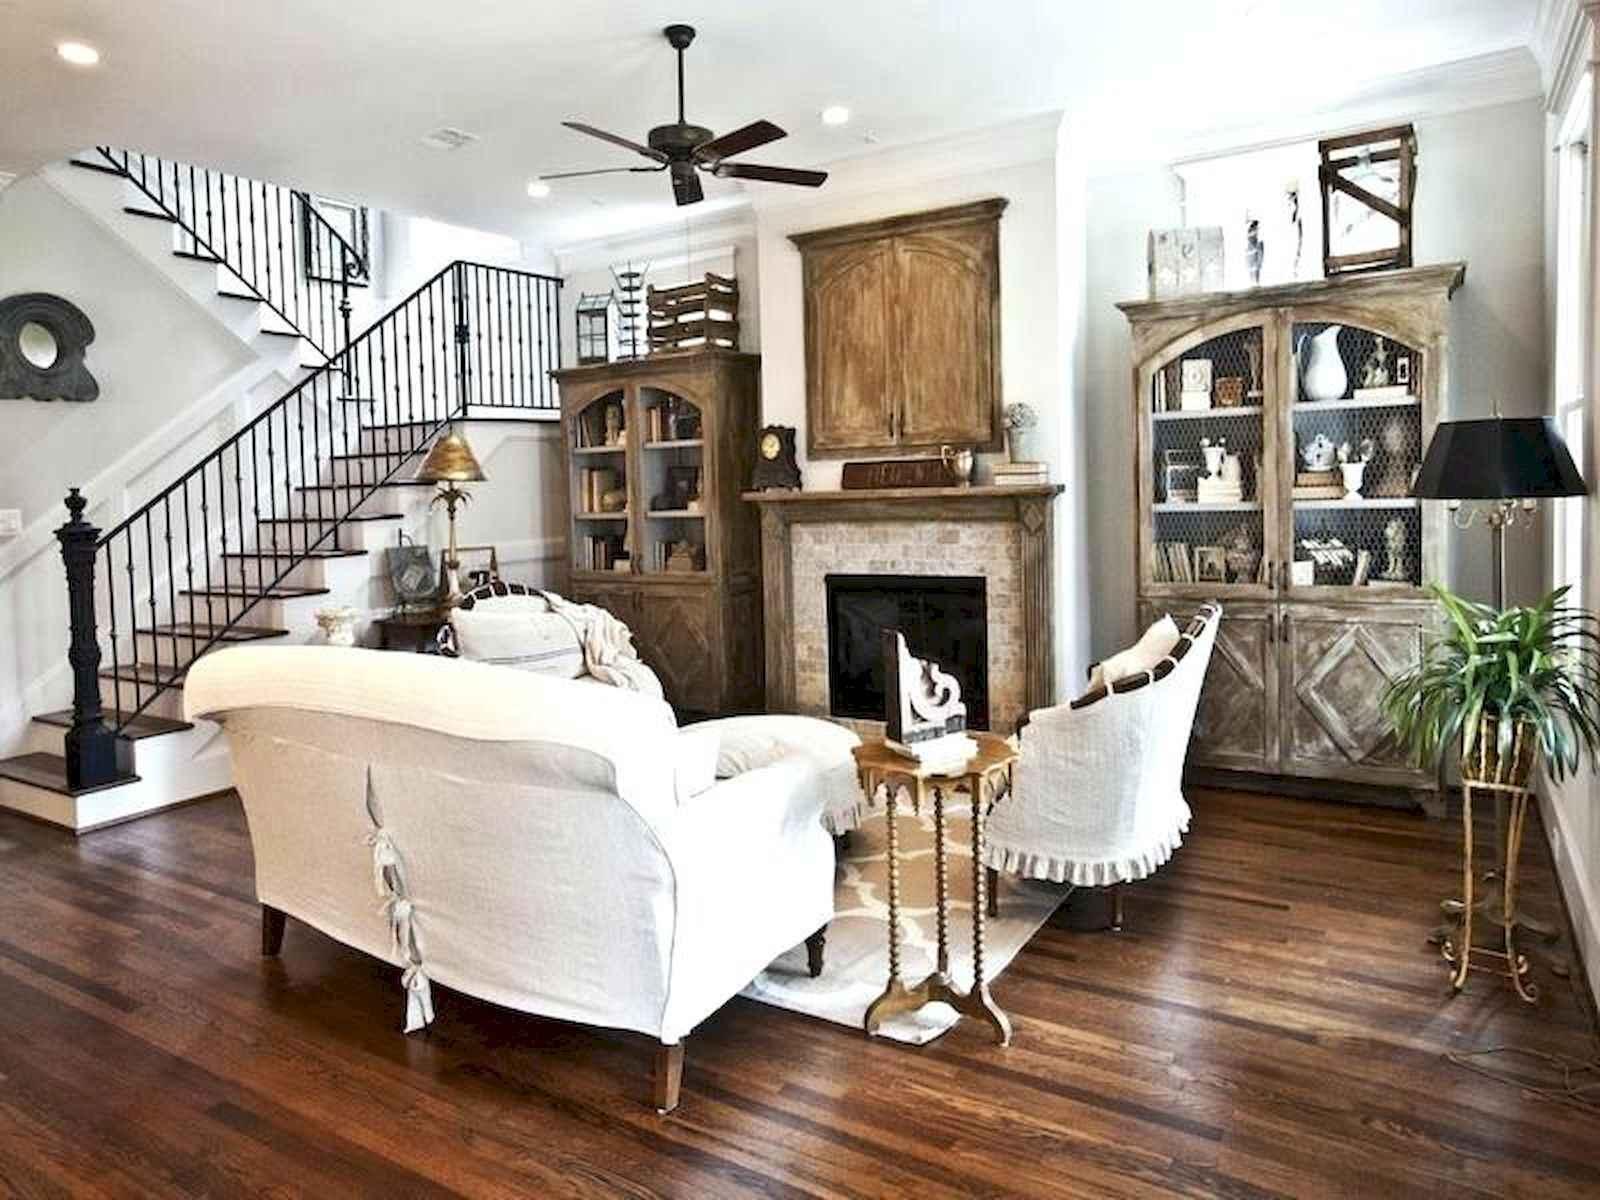 60 Modern Farmhouse Living Room Decor Ideas (38)